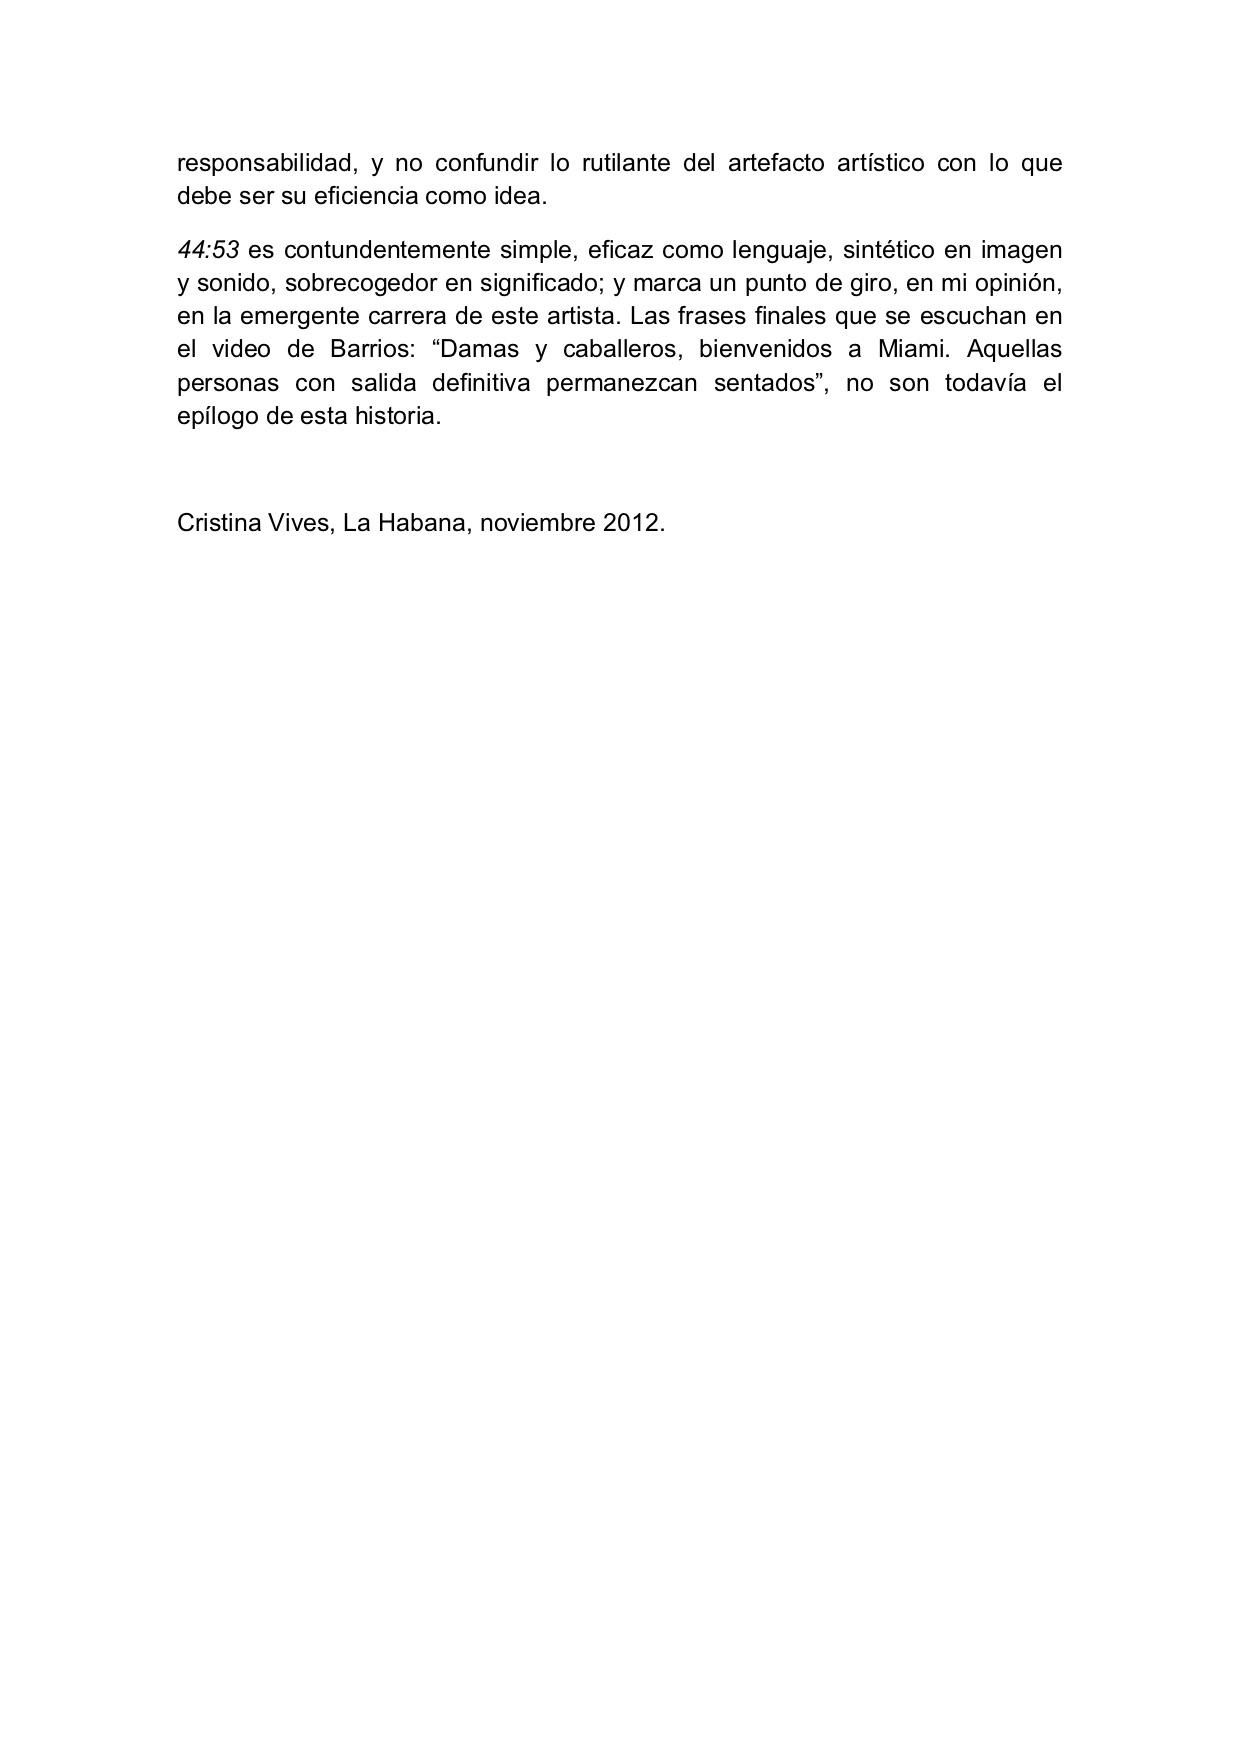 Texto para 44.53 por Cristina Vives.2.jpg